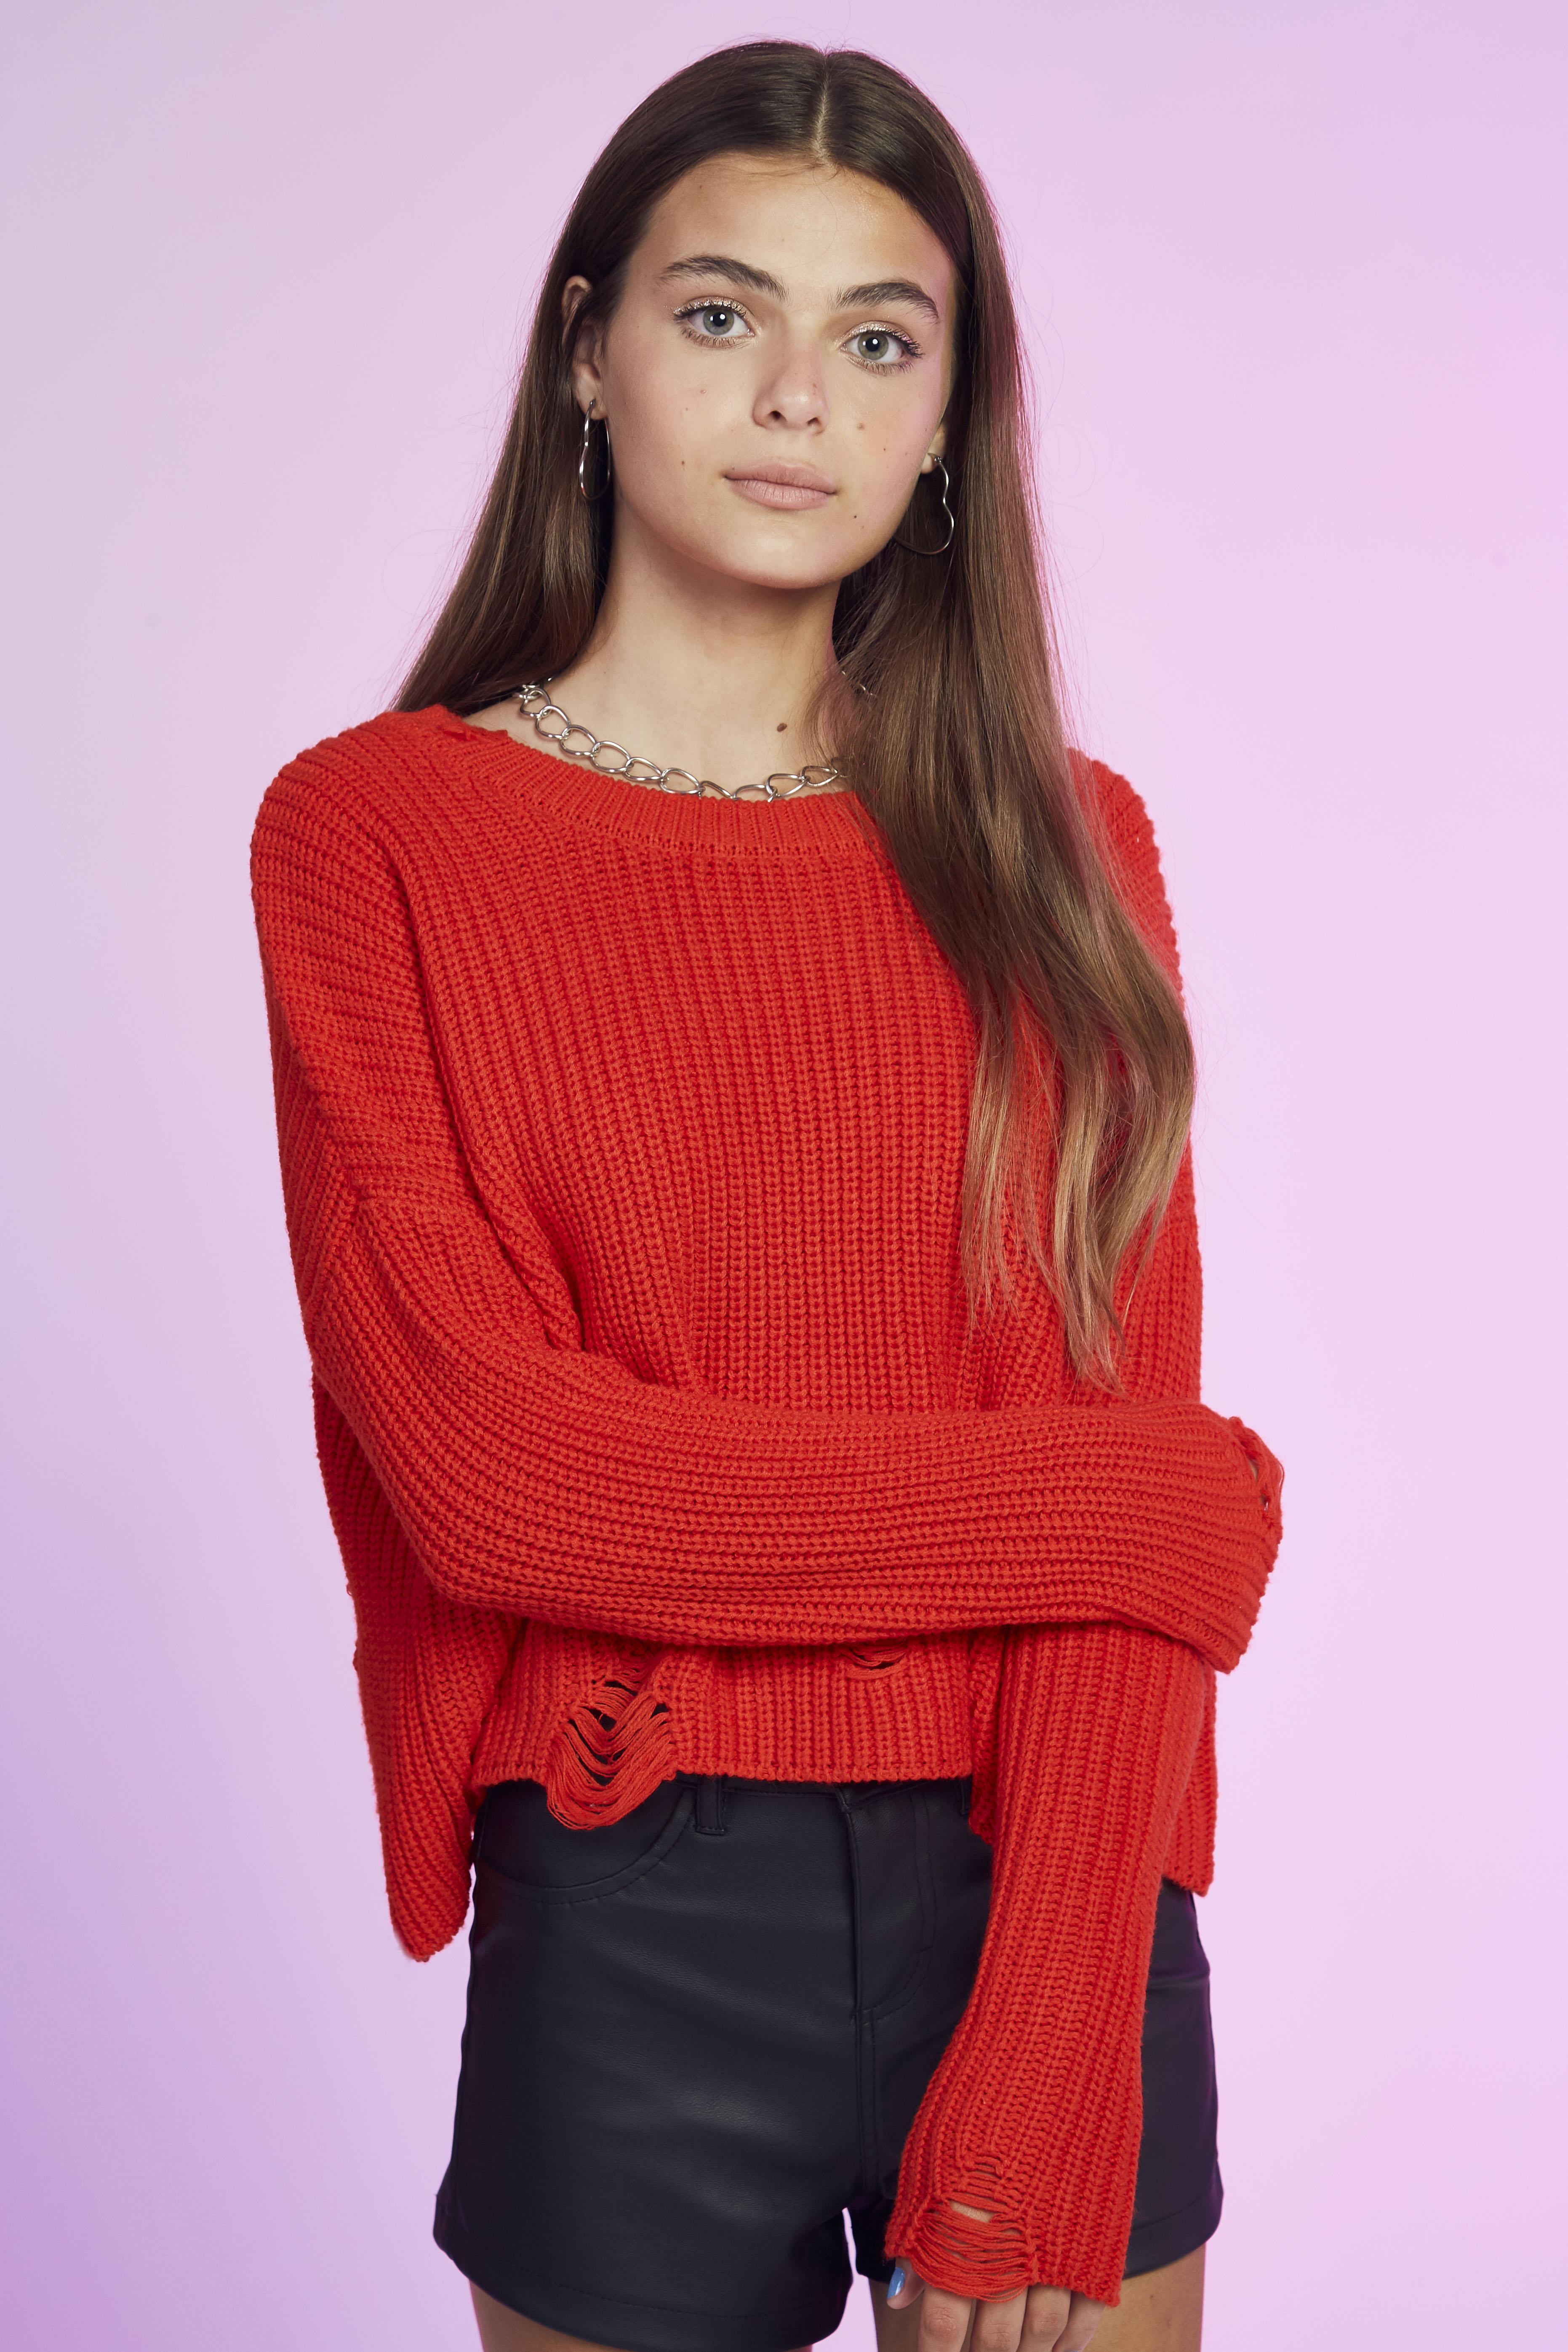 comoquieres_sweater-tej-hit-1-4_22-25-2020__picture-15423